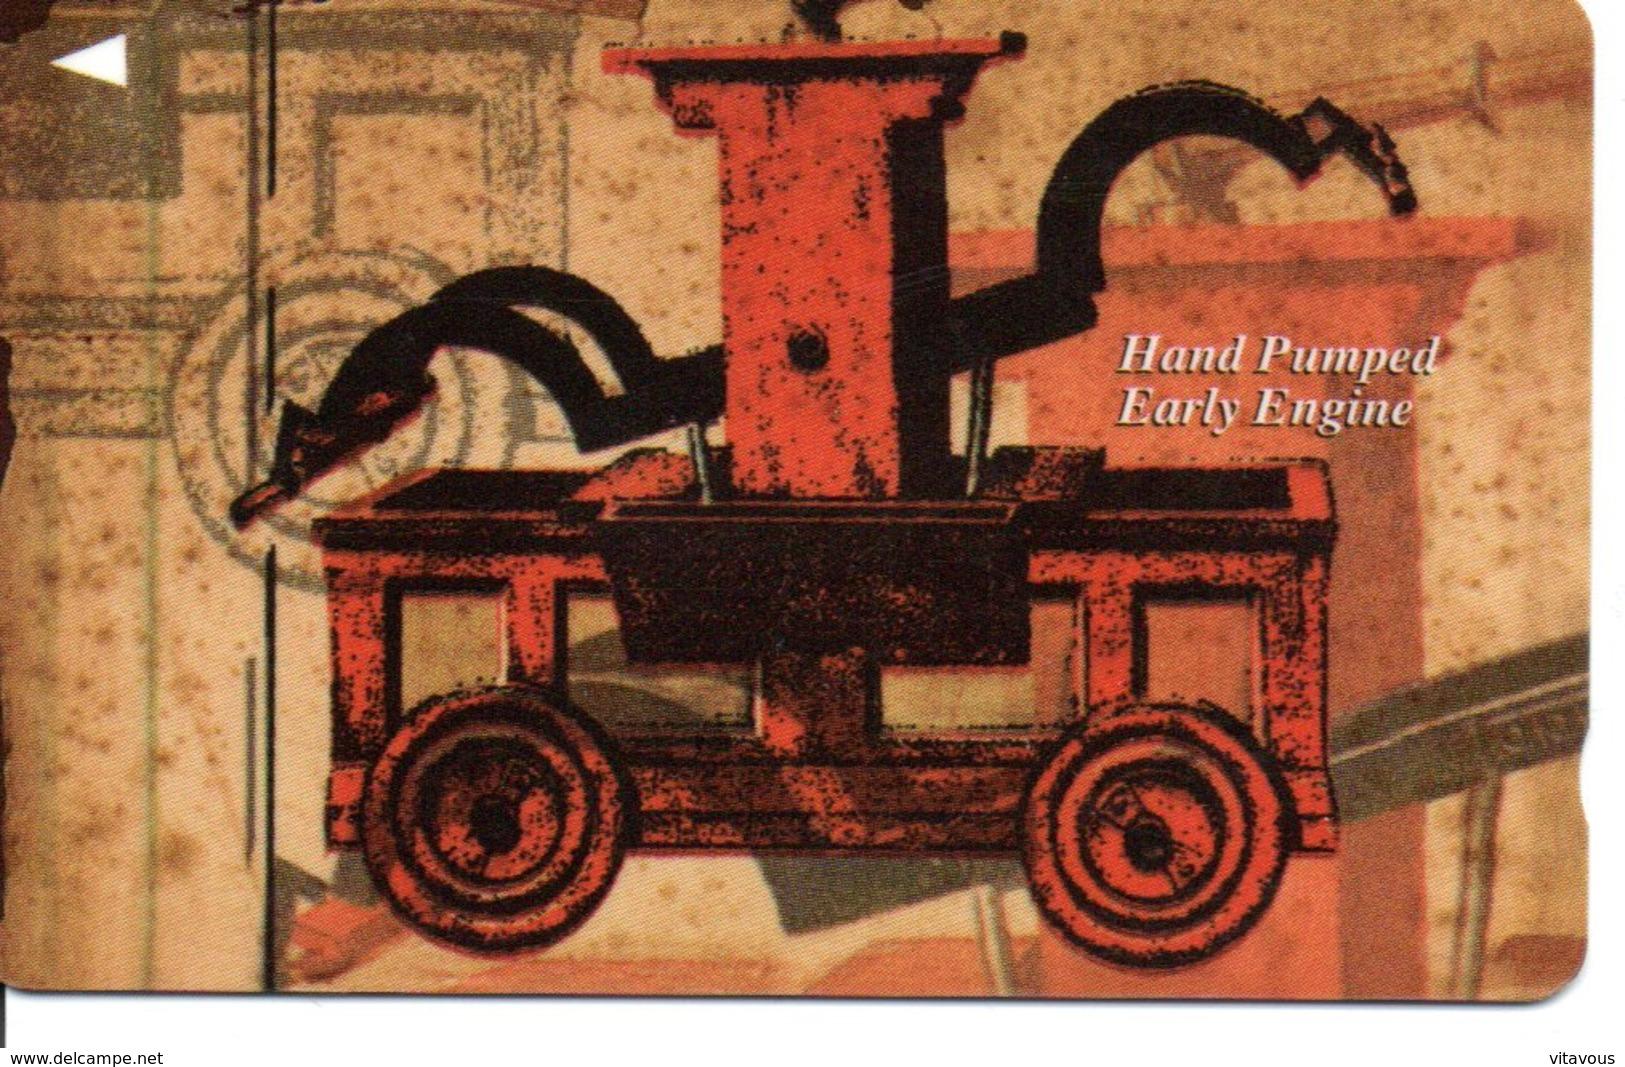 Télécarte Singapour  - Machine à Pompe à Moteur  Manuel - Hand Pumped Early Engine - Card  Karte (G 621) - Singapour